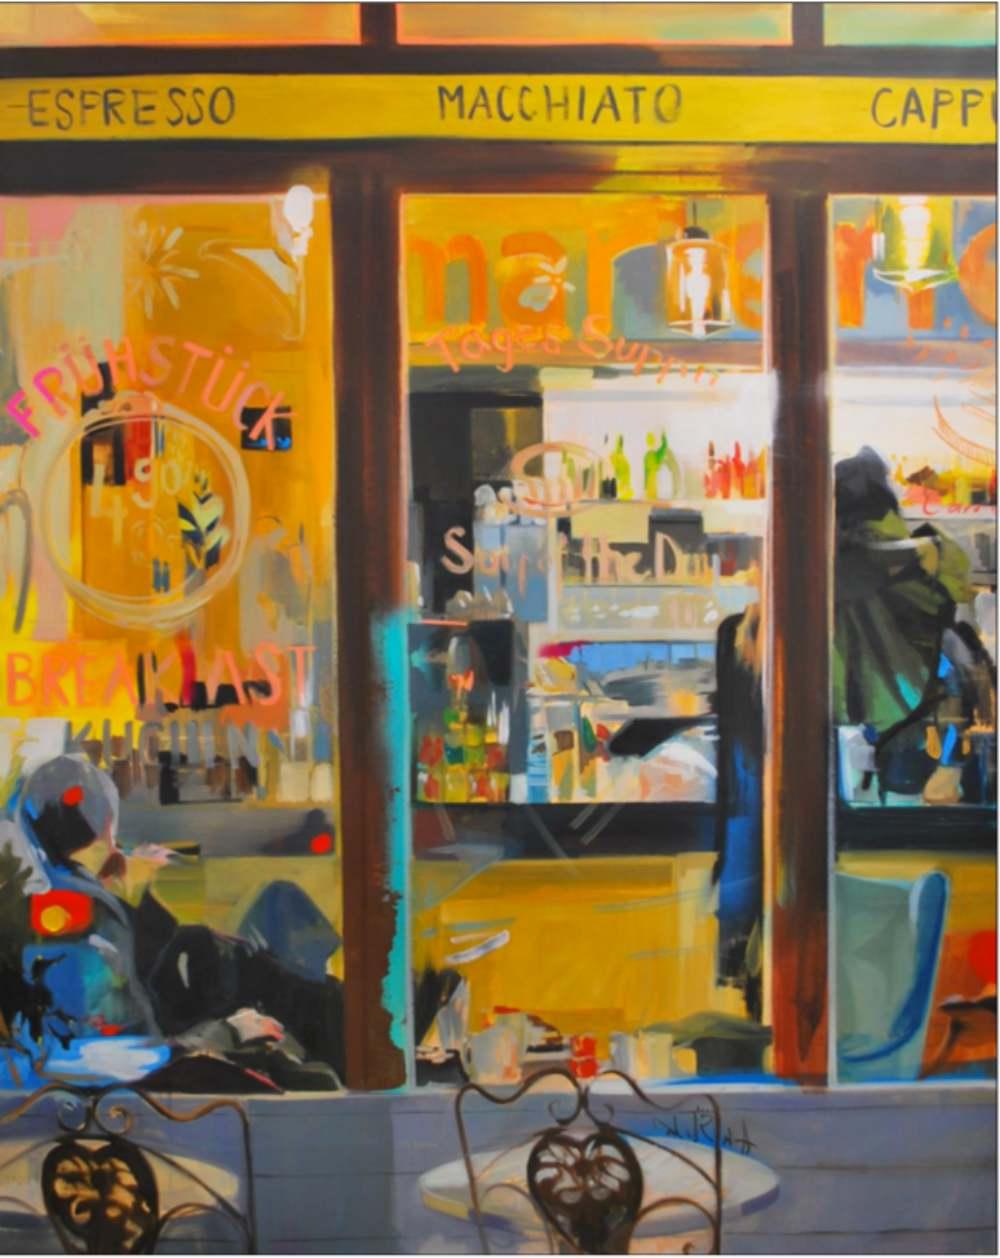 Lo mejor del día. Óleo/lienzo. 162 x 130 cm LAURA NIETO | LUISA PITA |MUJERES MIRANDO MUJERES